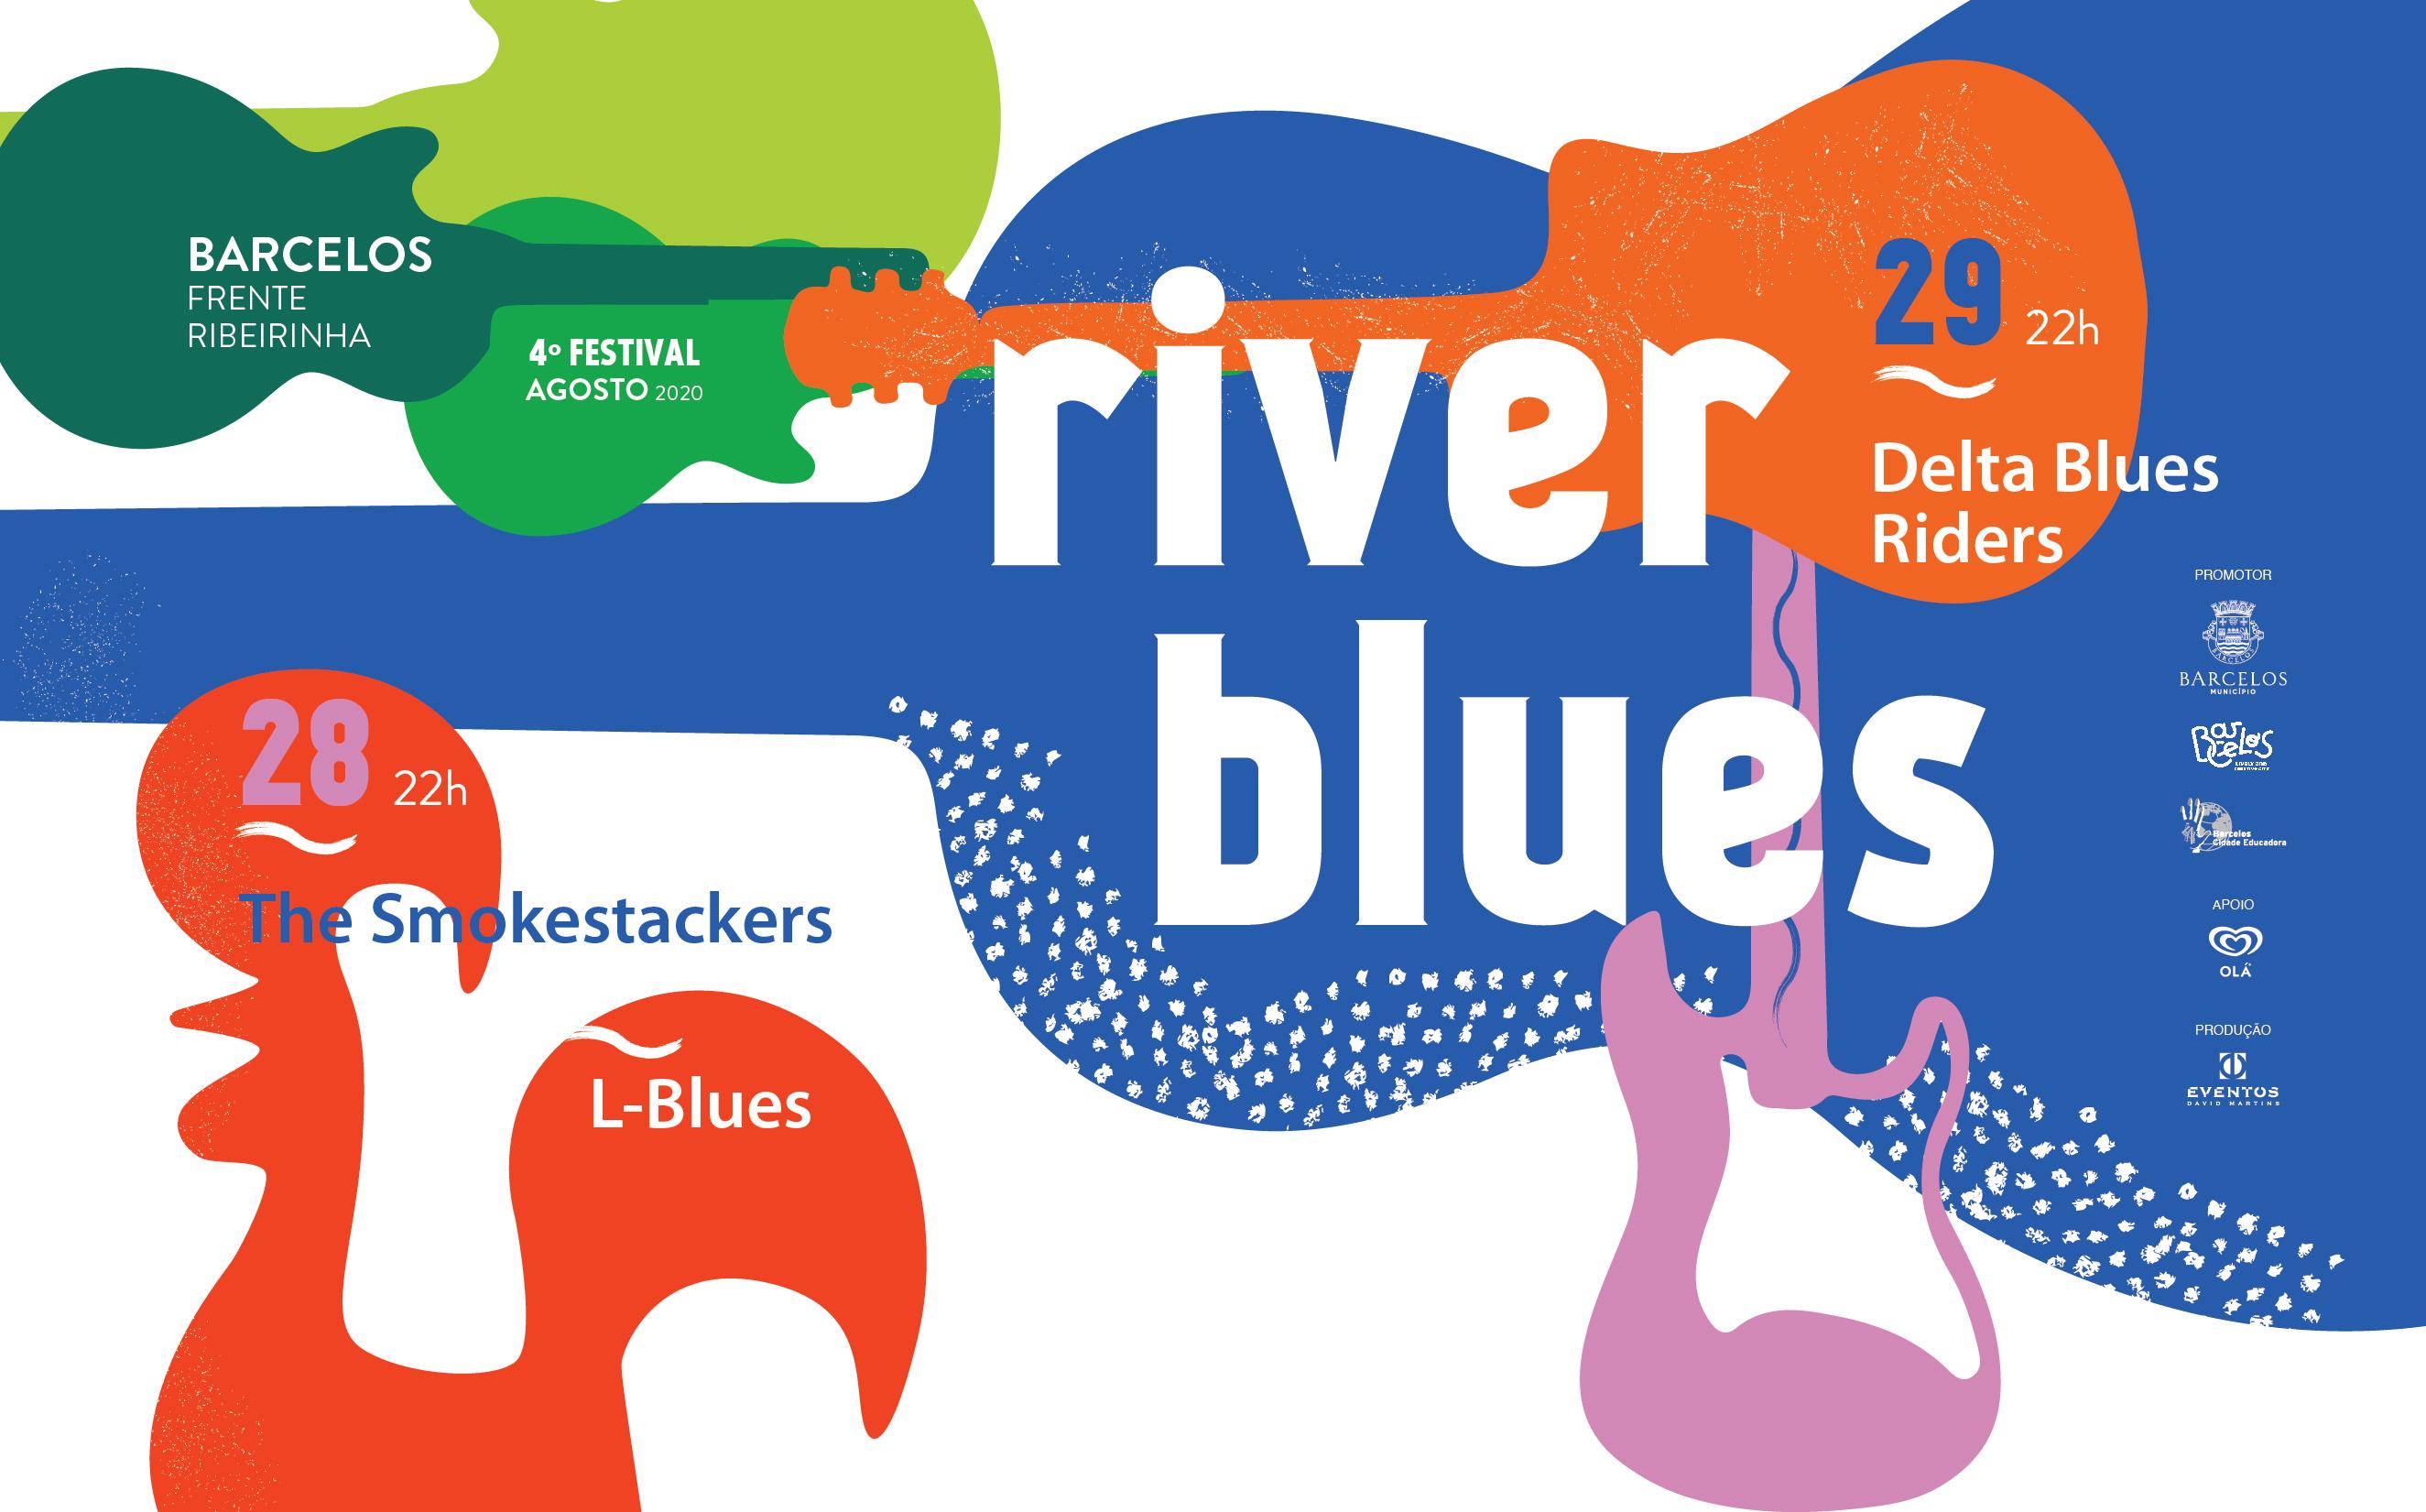 River Blues regressa a Barcelos